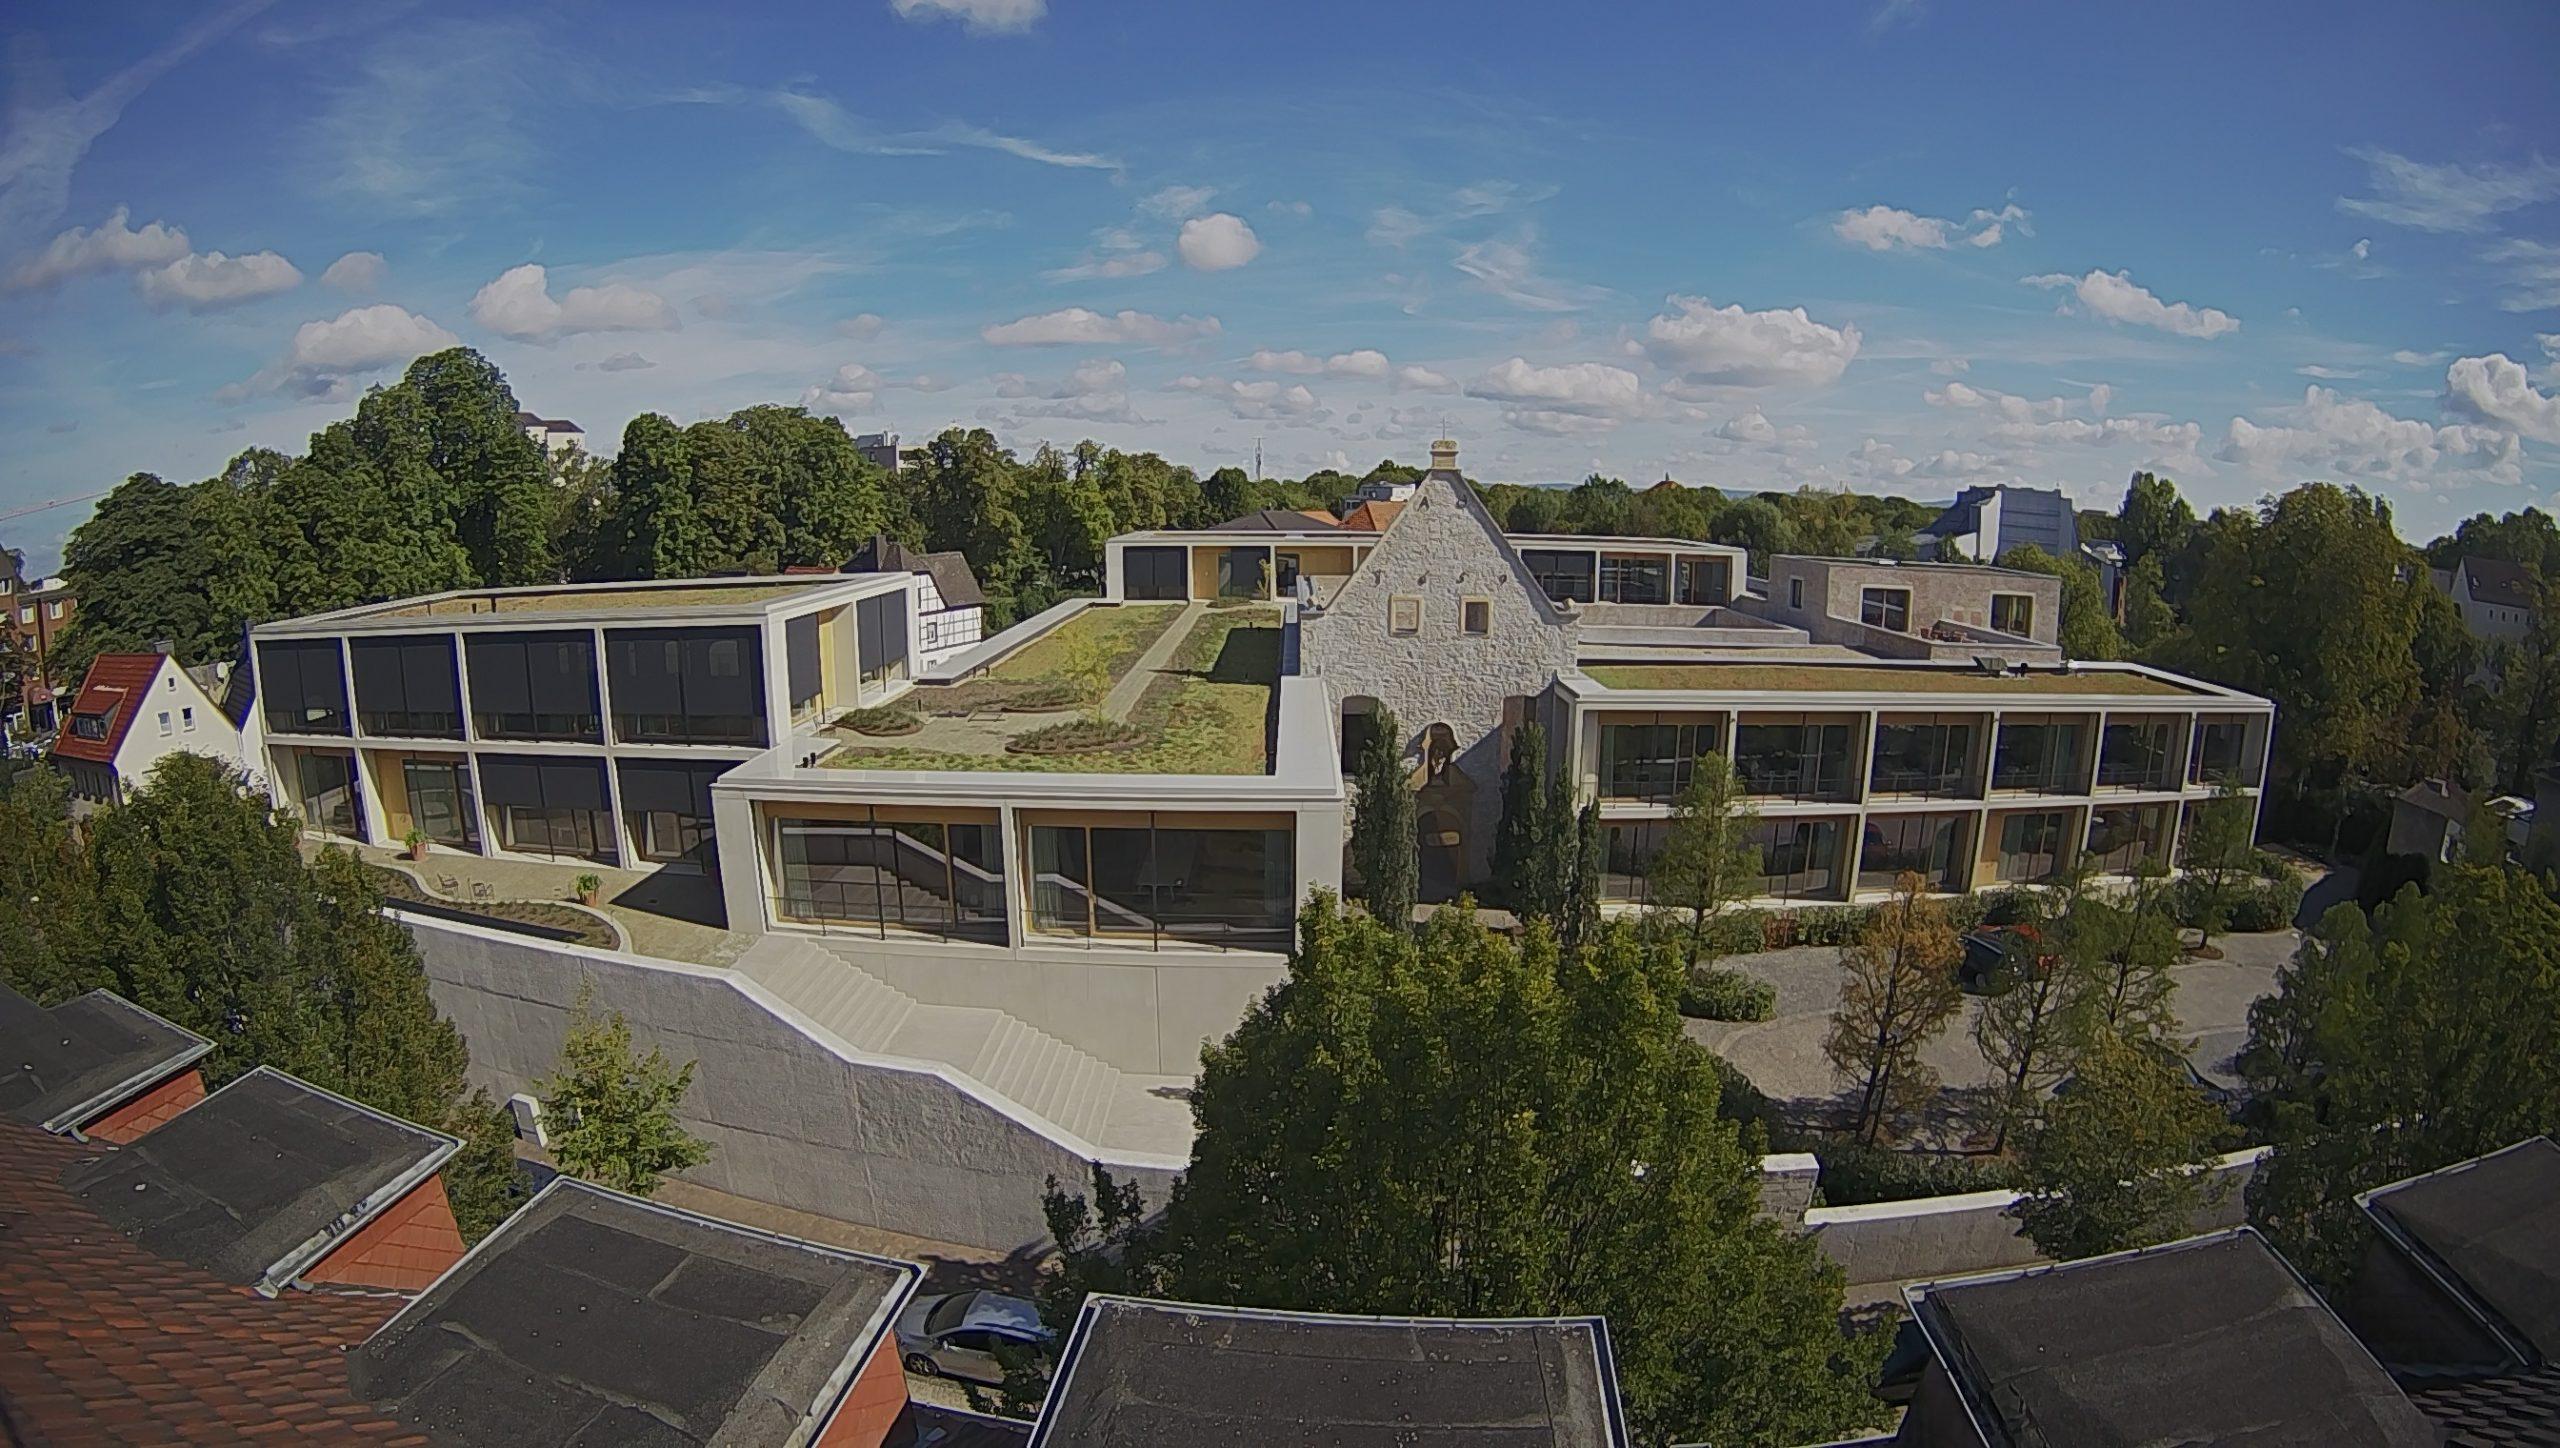 Le siège de la Tap Holding a été construit d'après les plans du bureau d'architecte de David Chipperfield Architects à Berlin.